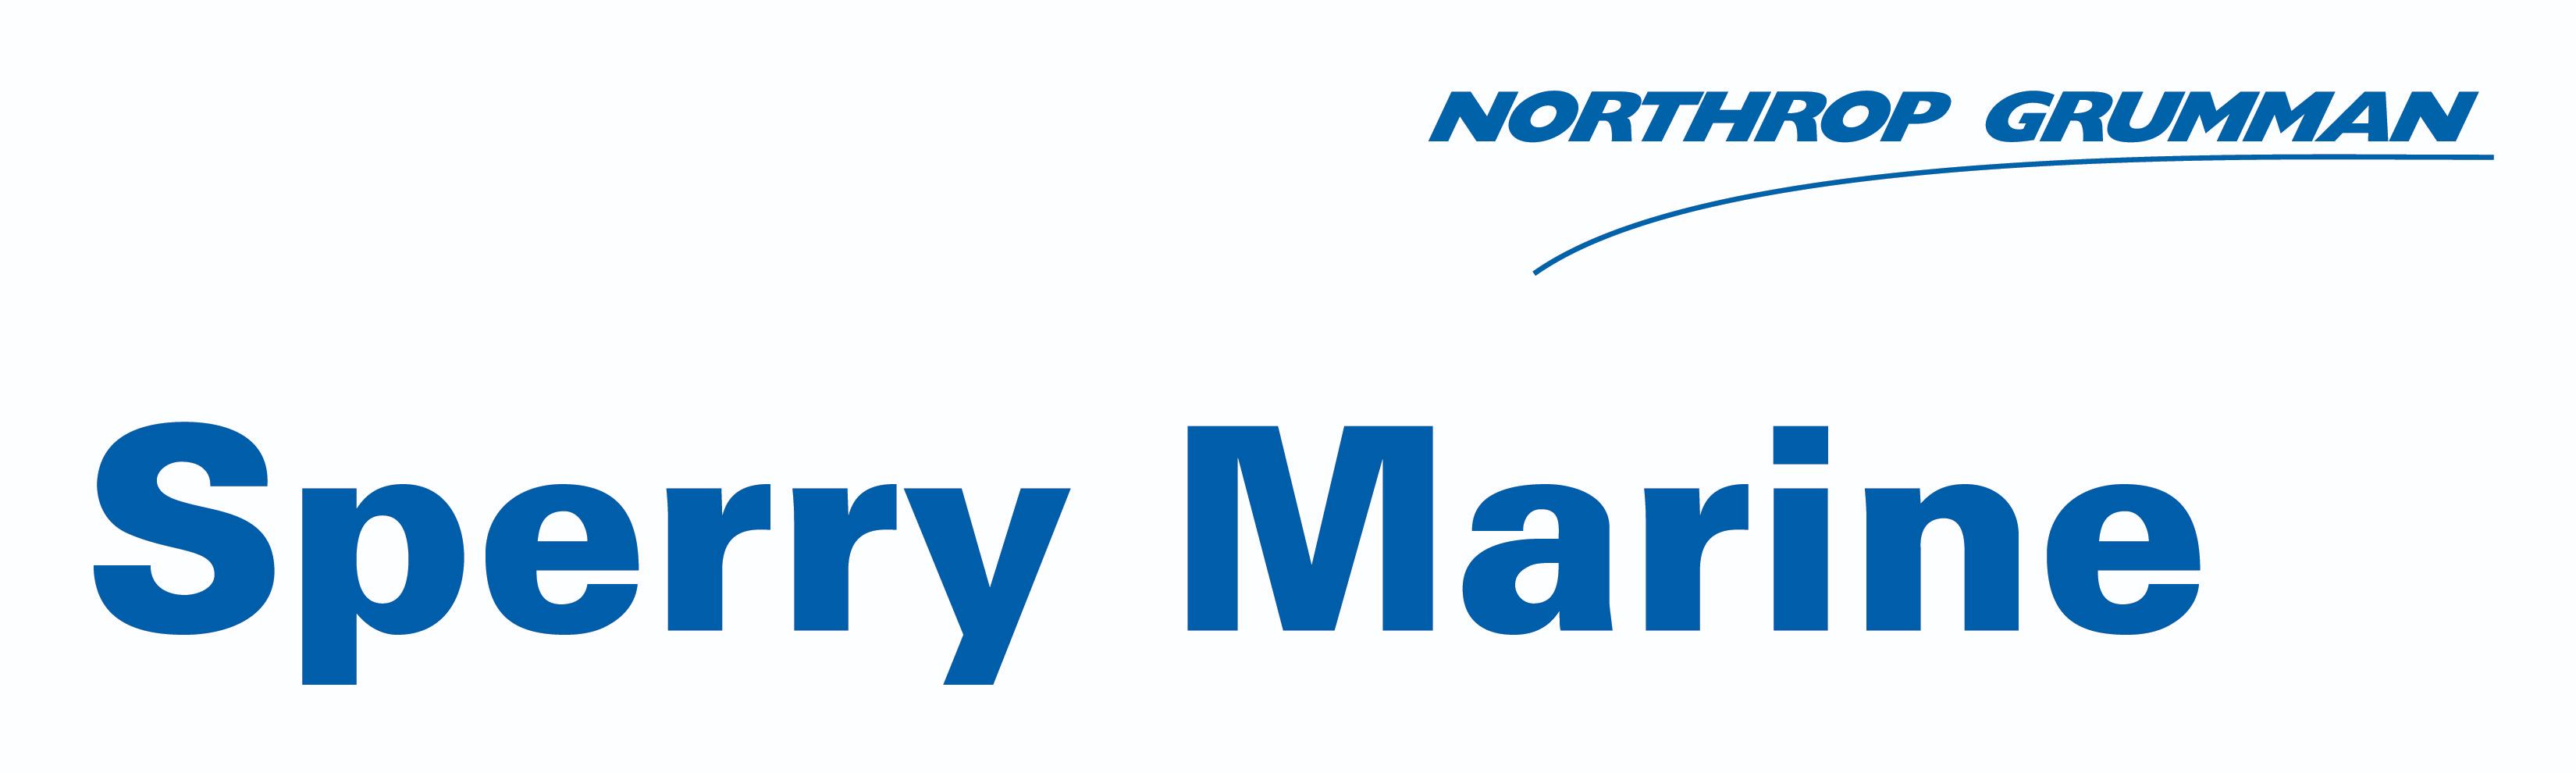 Northrop Grumman Sperry Marine